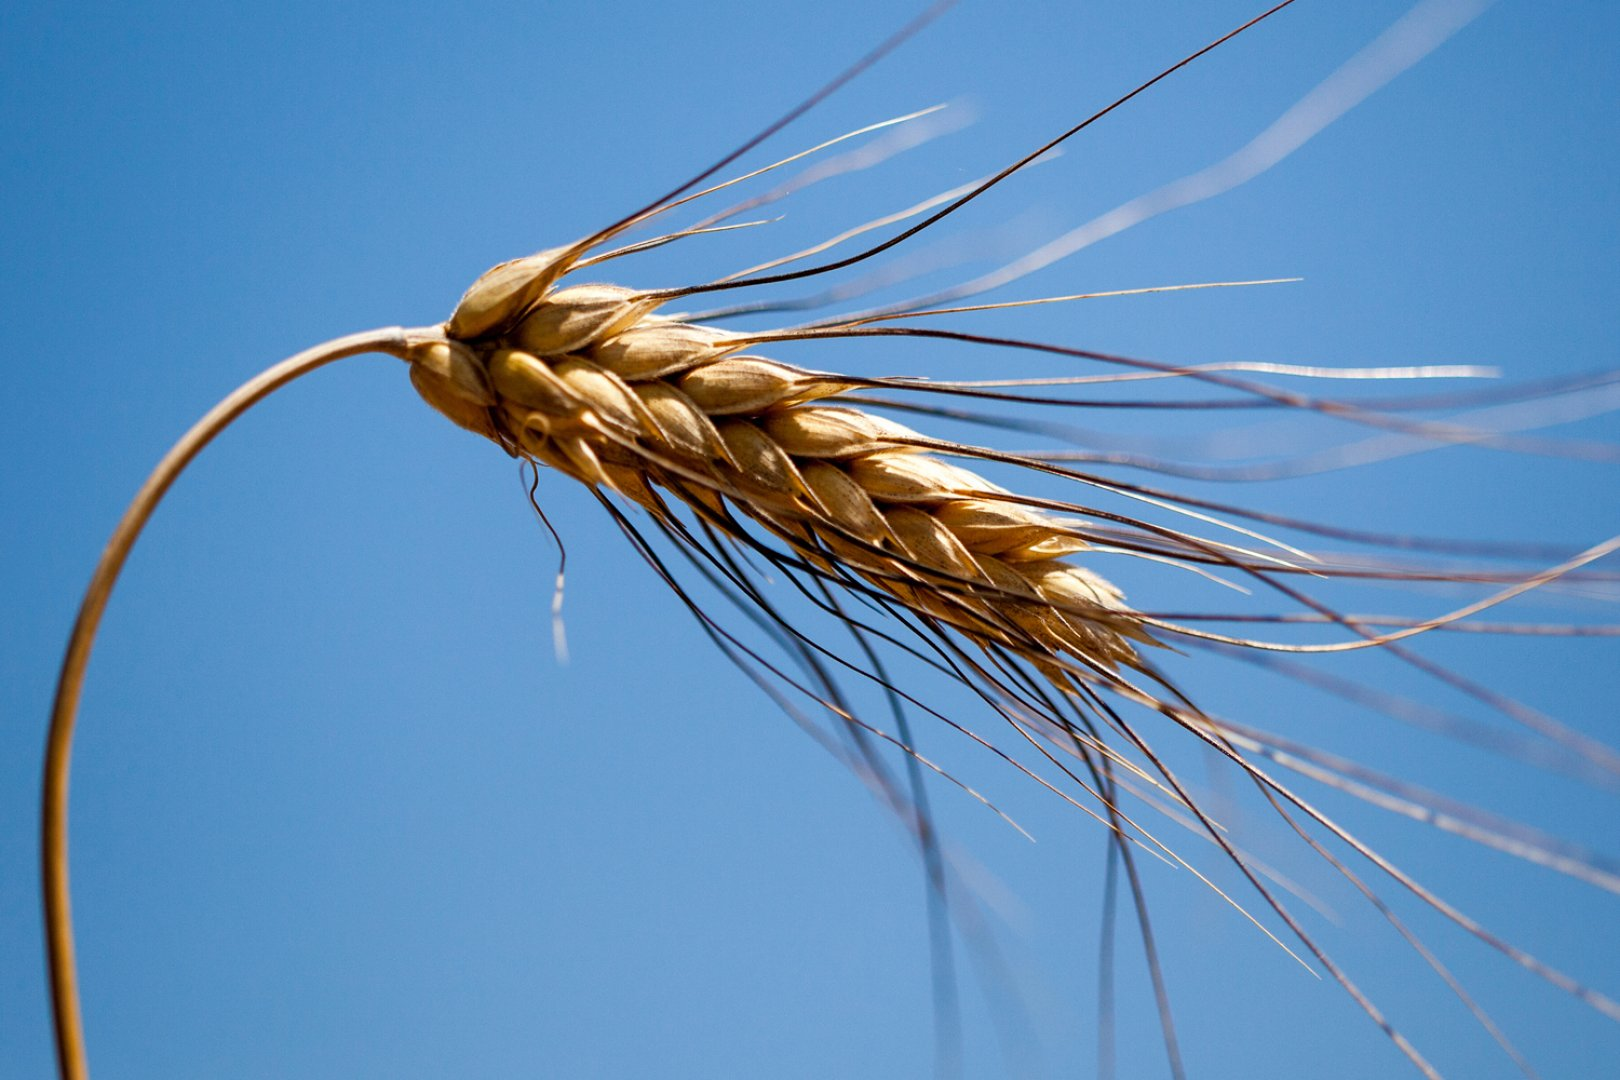 spiga di grano del pastificio mancini